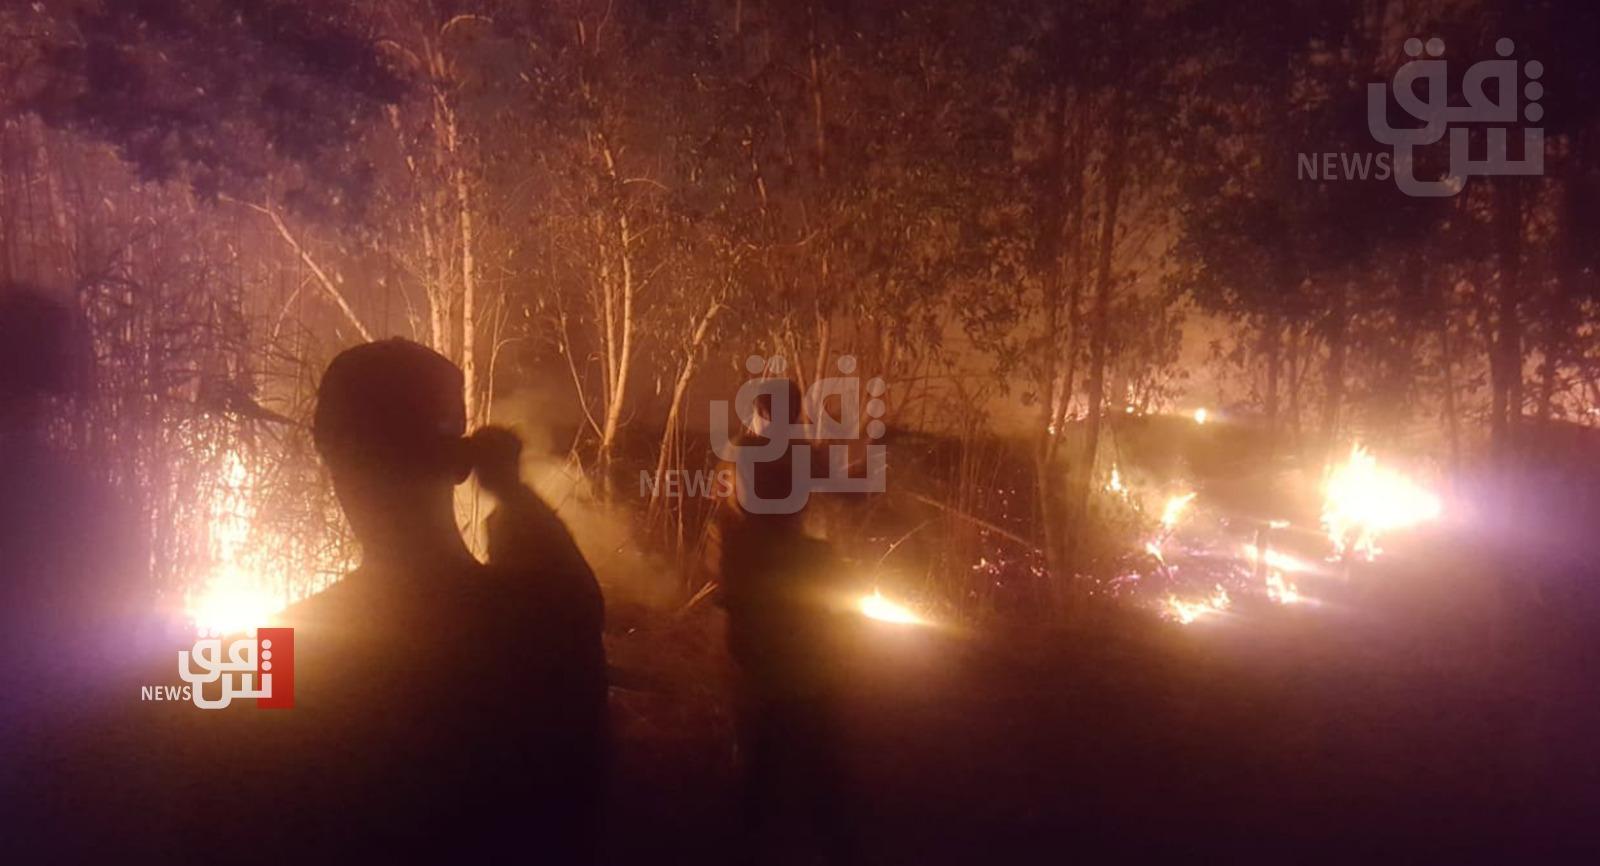 صور .. نشوب حريق كبير في حديقة عامة جنوبي ذي قار